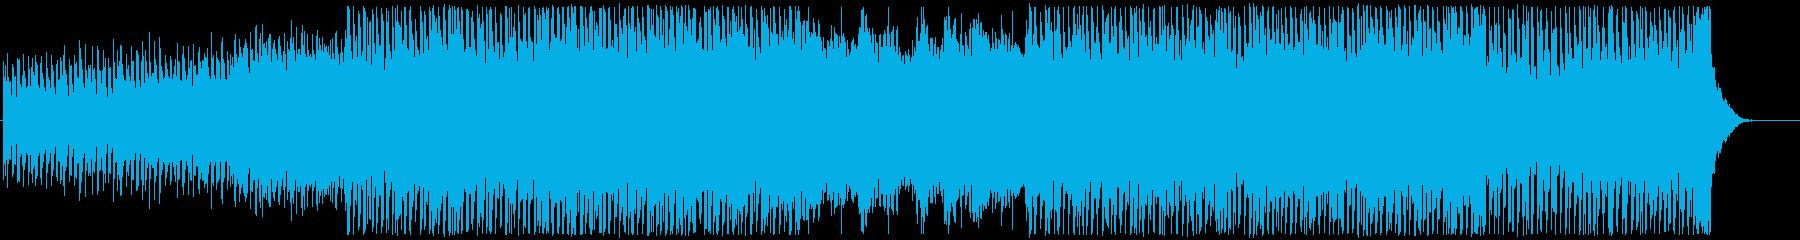 爽快、軽快なEDM風なエレクトロの再生済みの波形